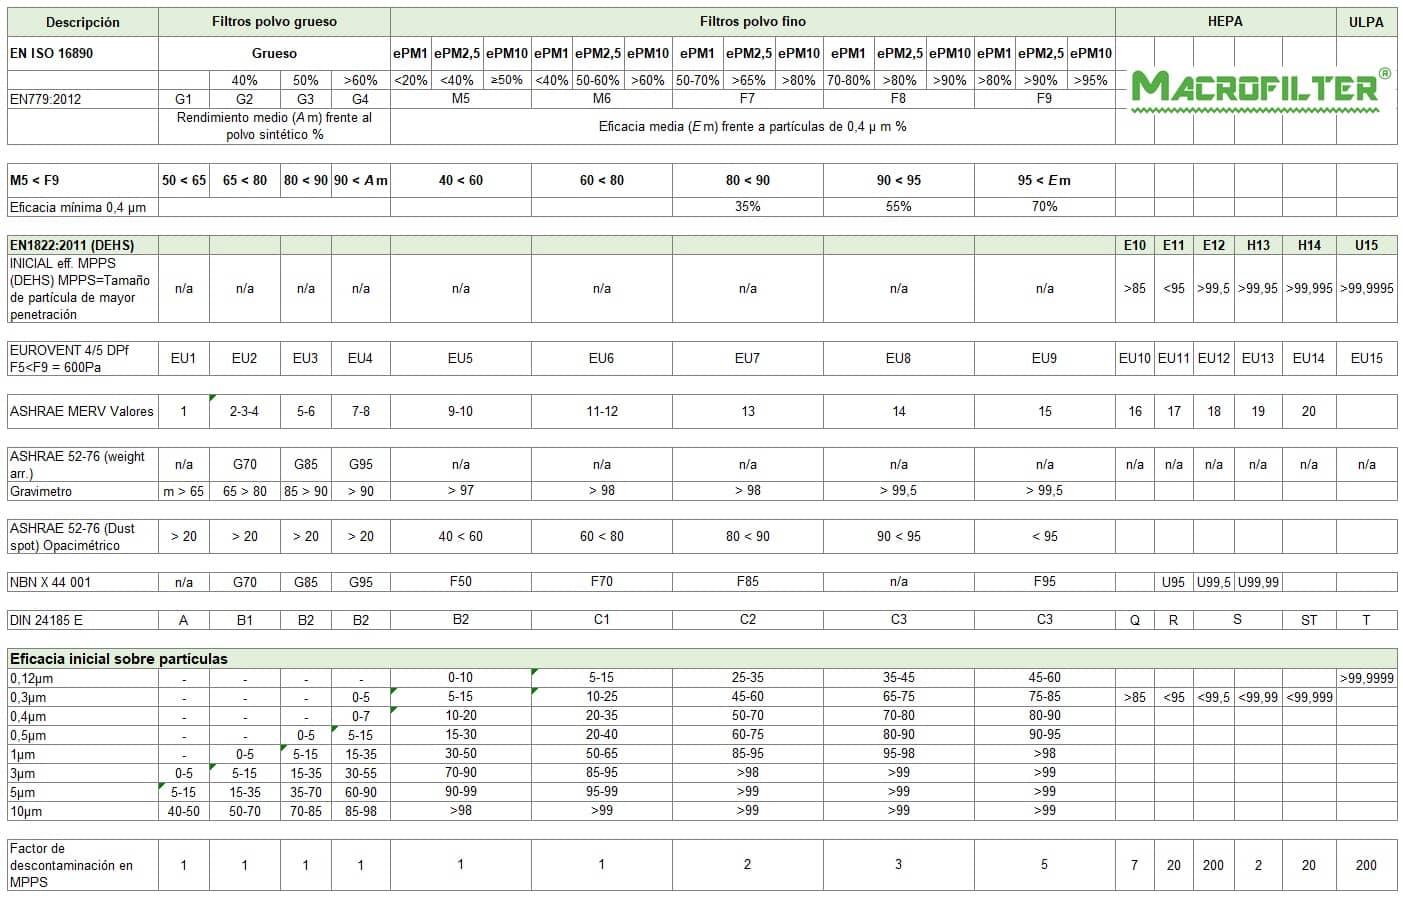 Tabla de Equivalencias de Prefiltros o Filtros de Baja Eficiencia Macrofilter